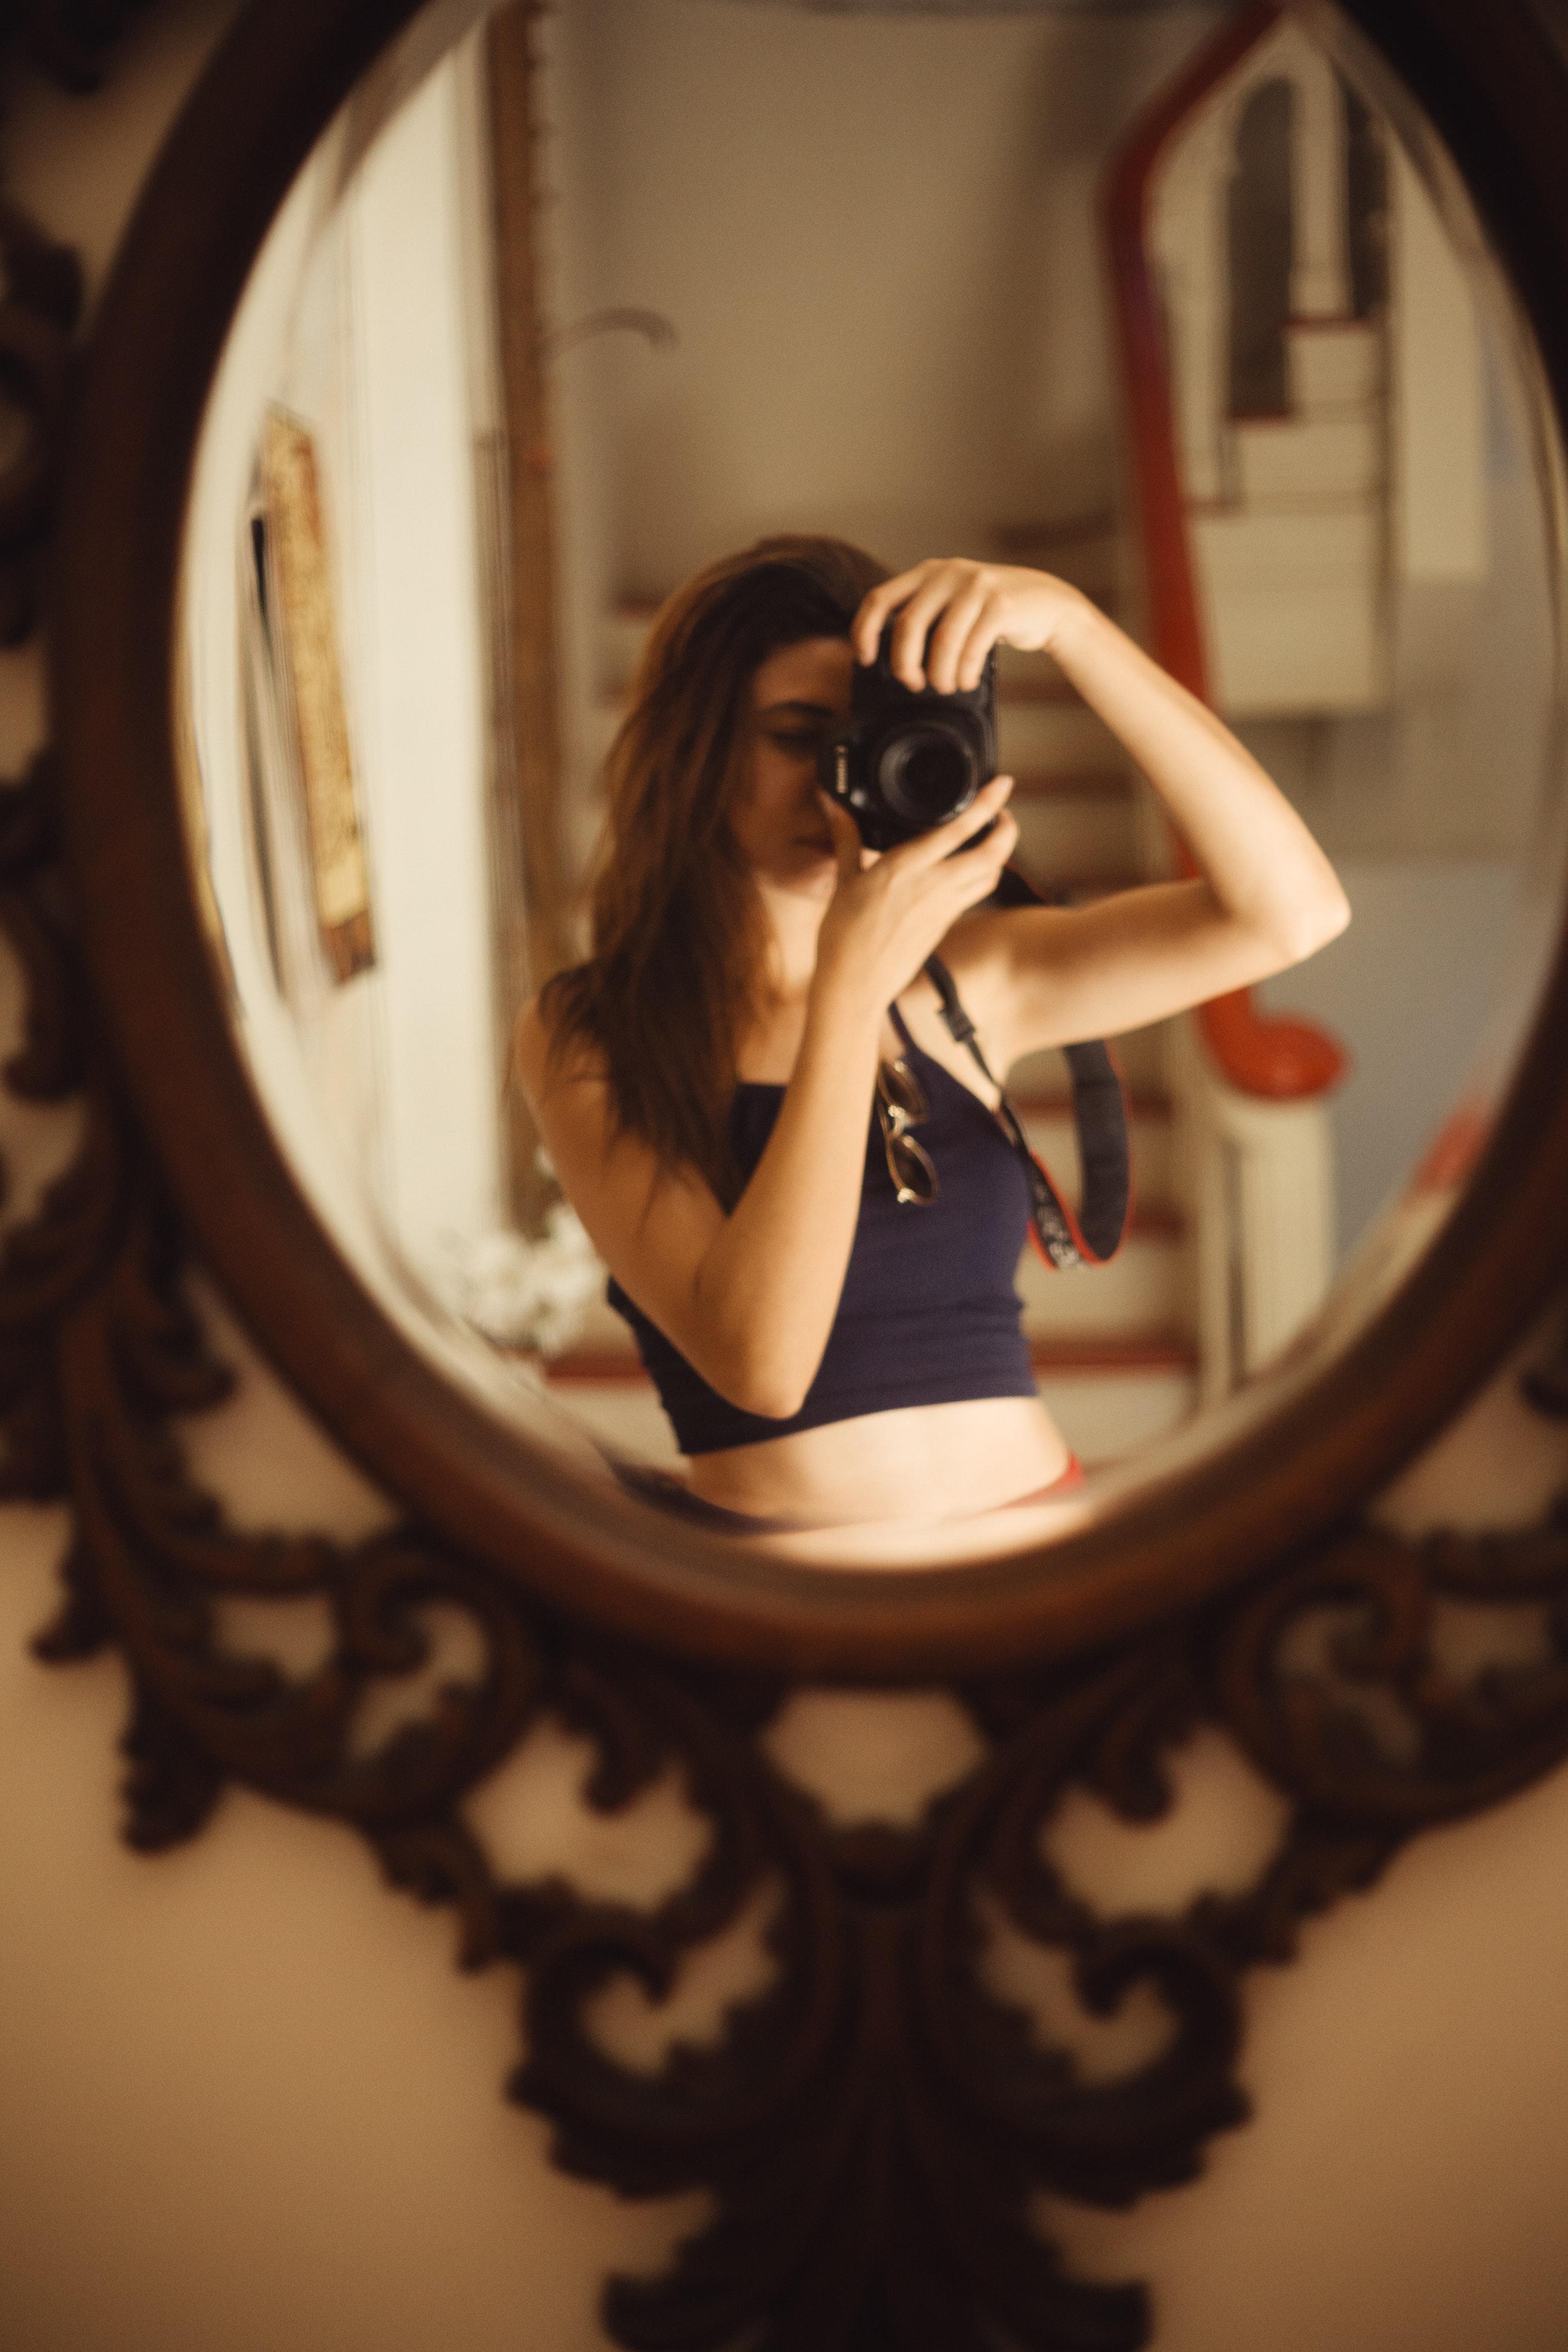 обратился профессиональное фото с отражением в зеркале удержания мотыля